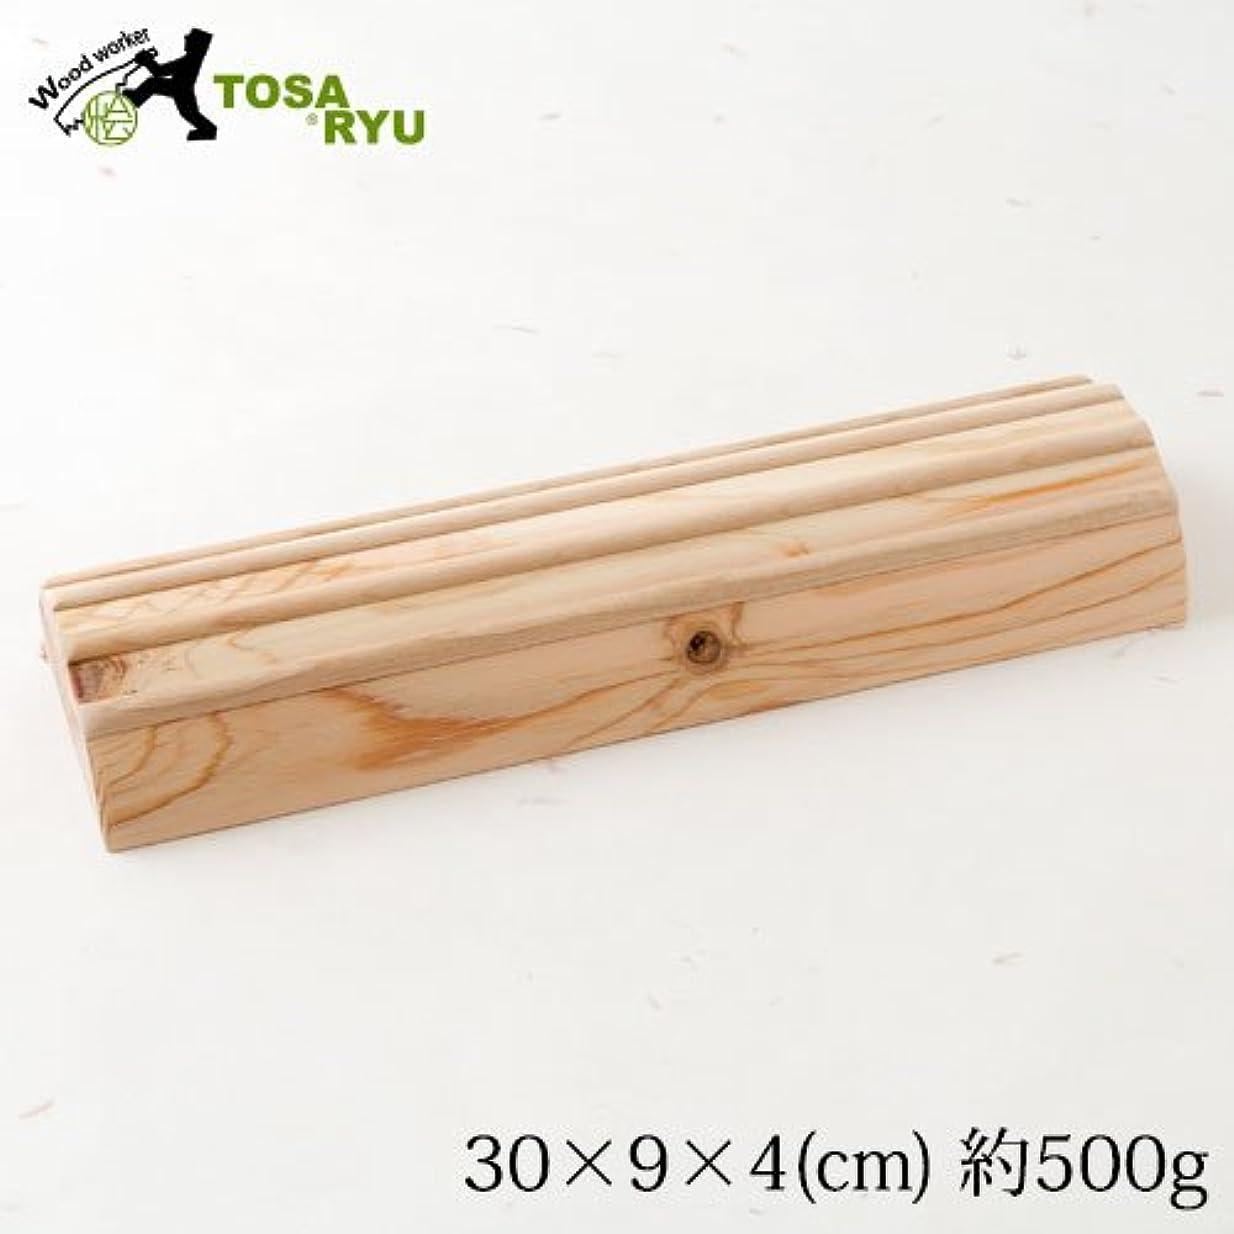 ロッドそこ避難土佐龍四万十ひのき足踏み高知県の工芸品Cypress Foot Massager, Kochi craft